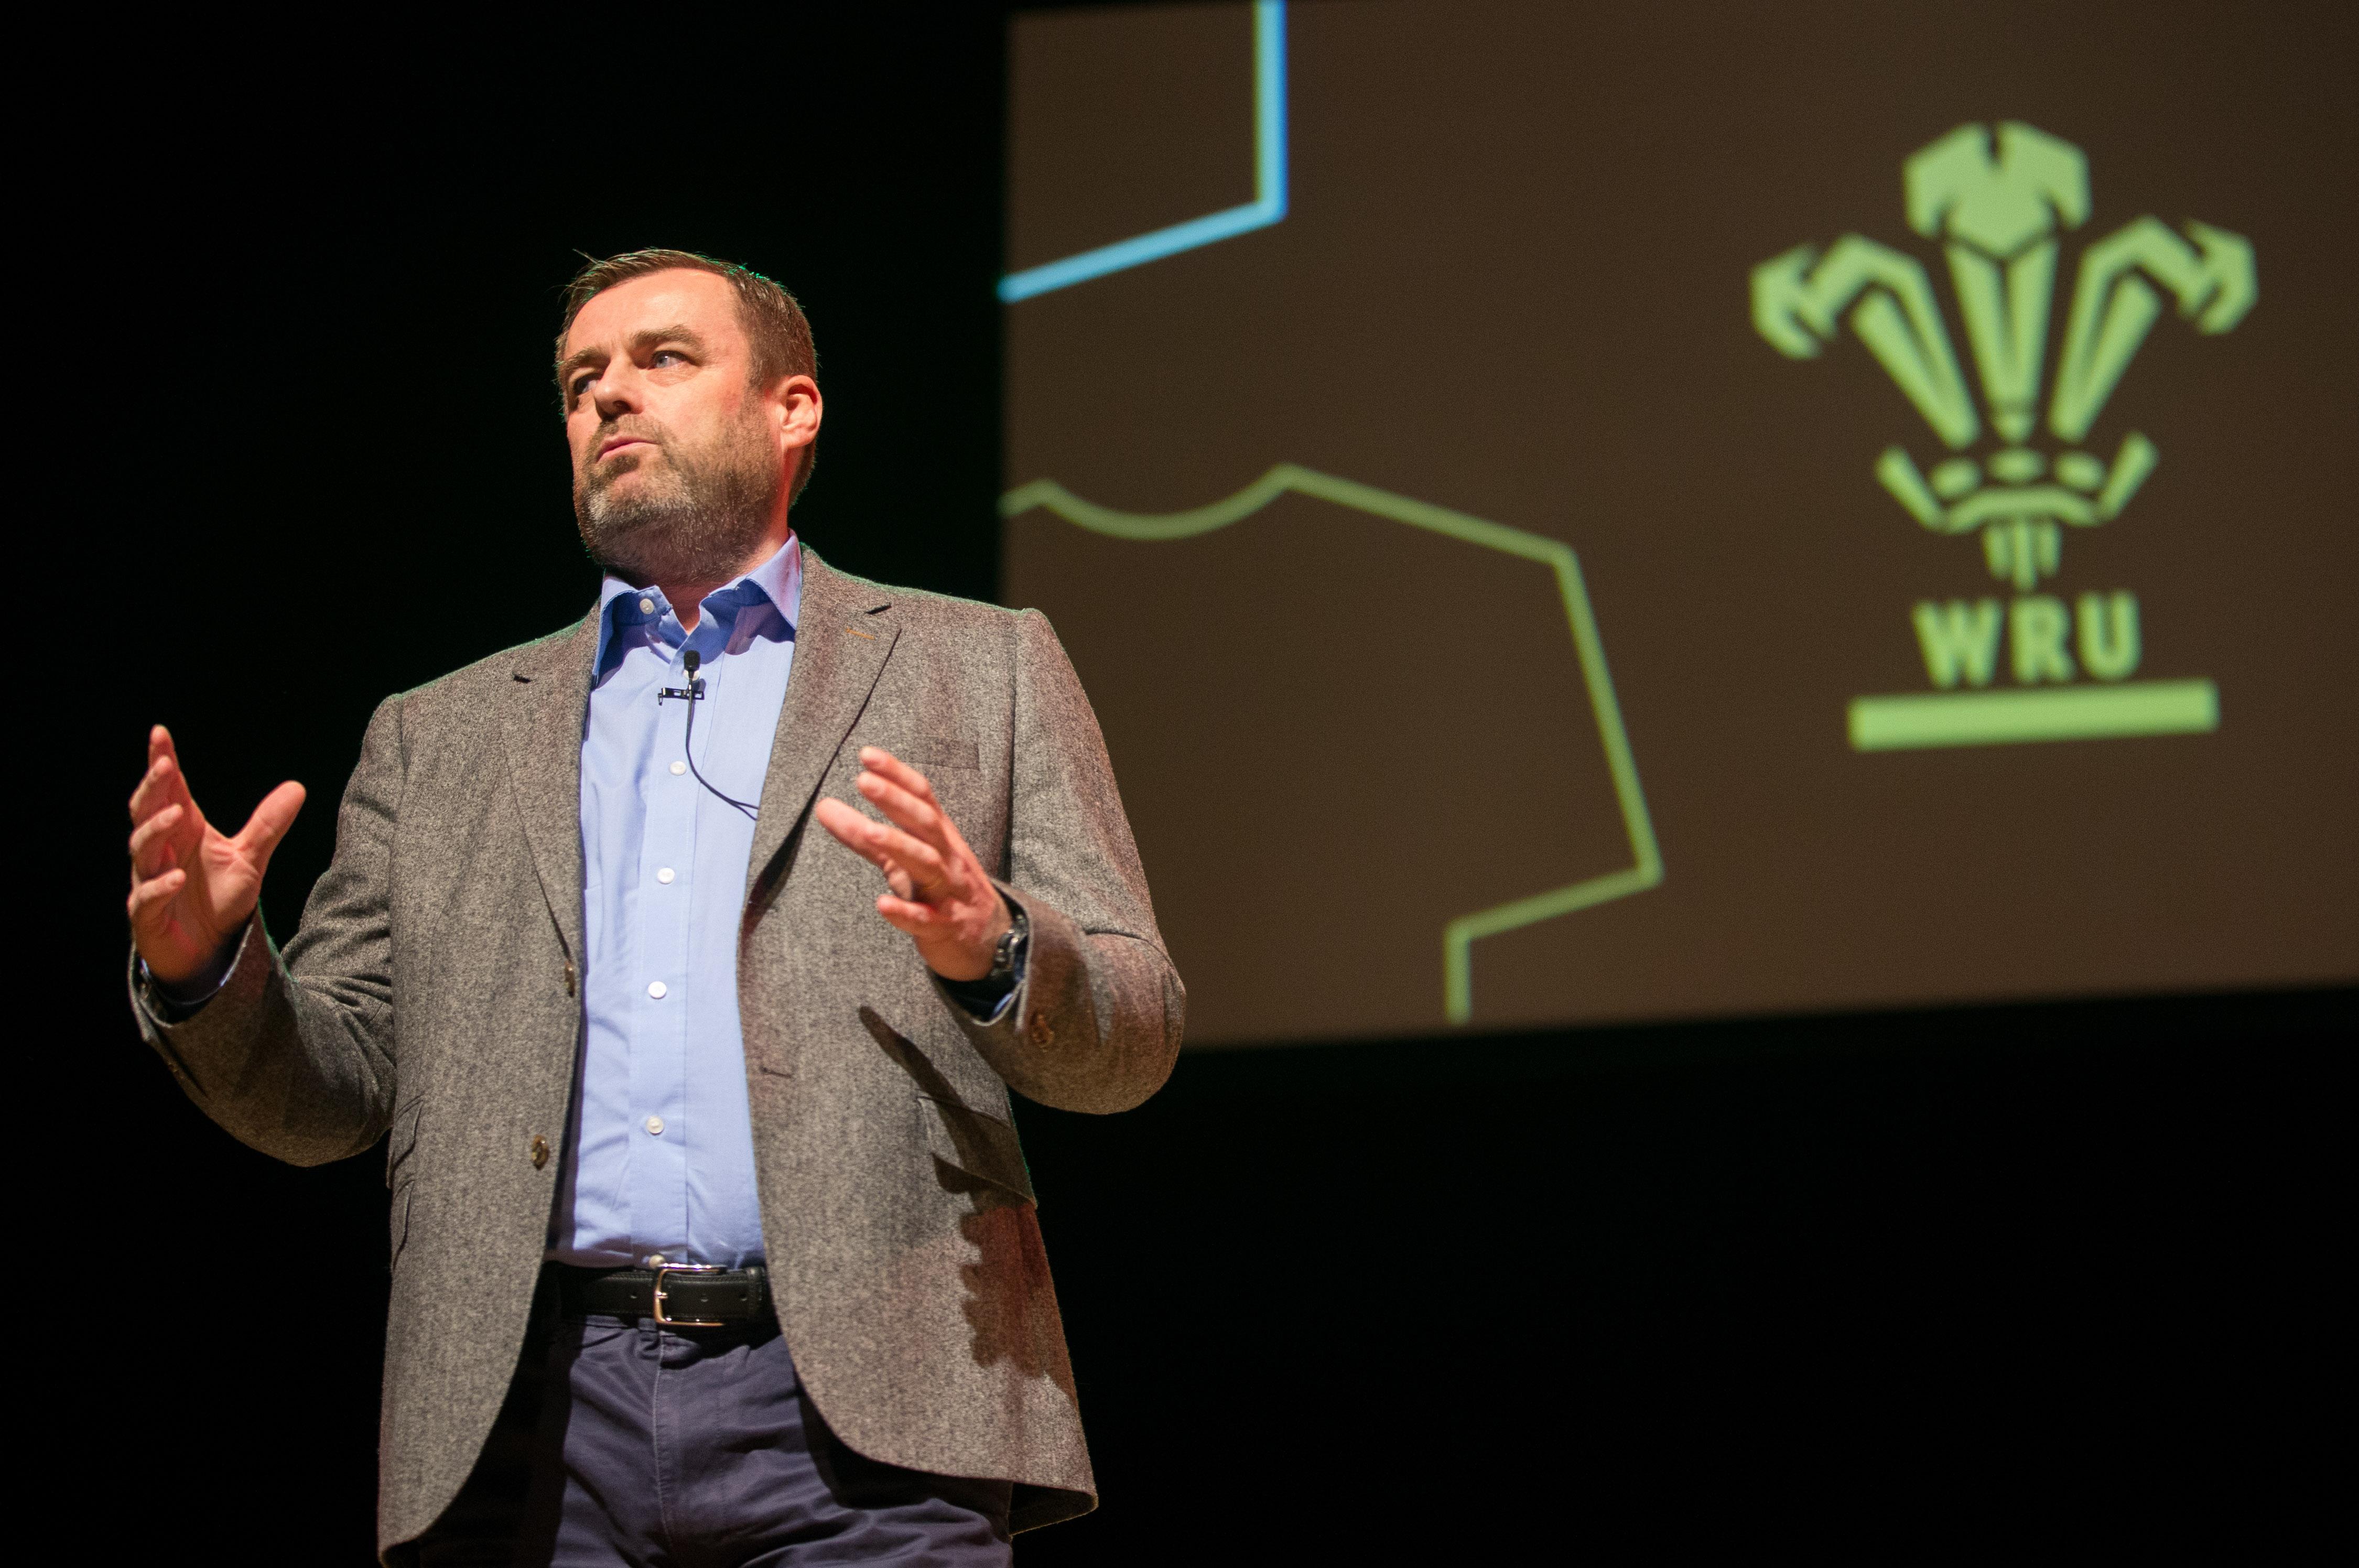 Martyn Philips